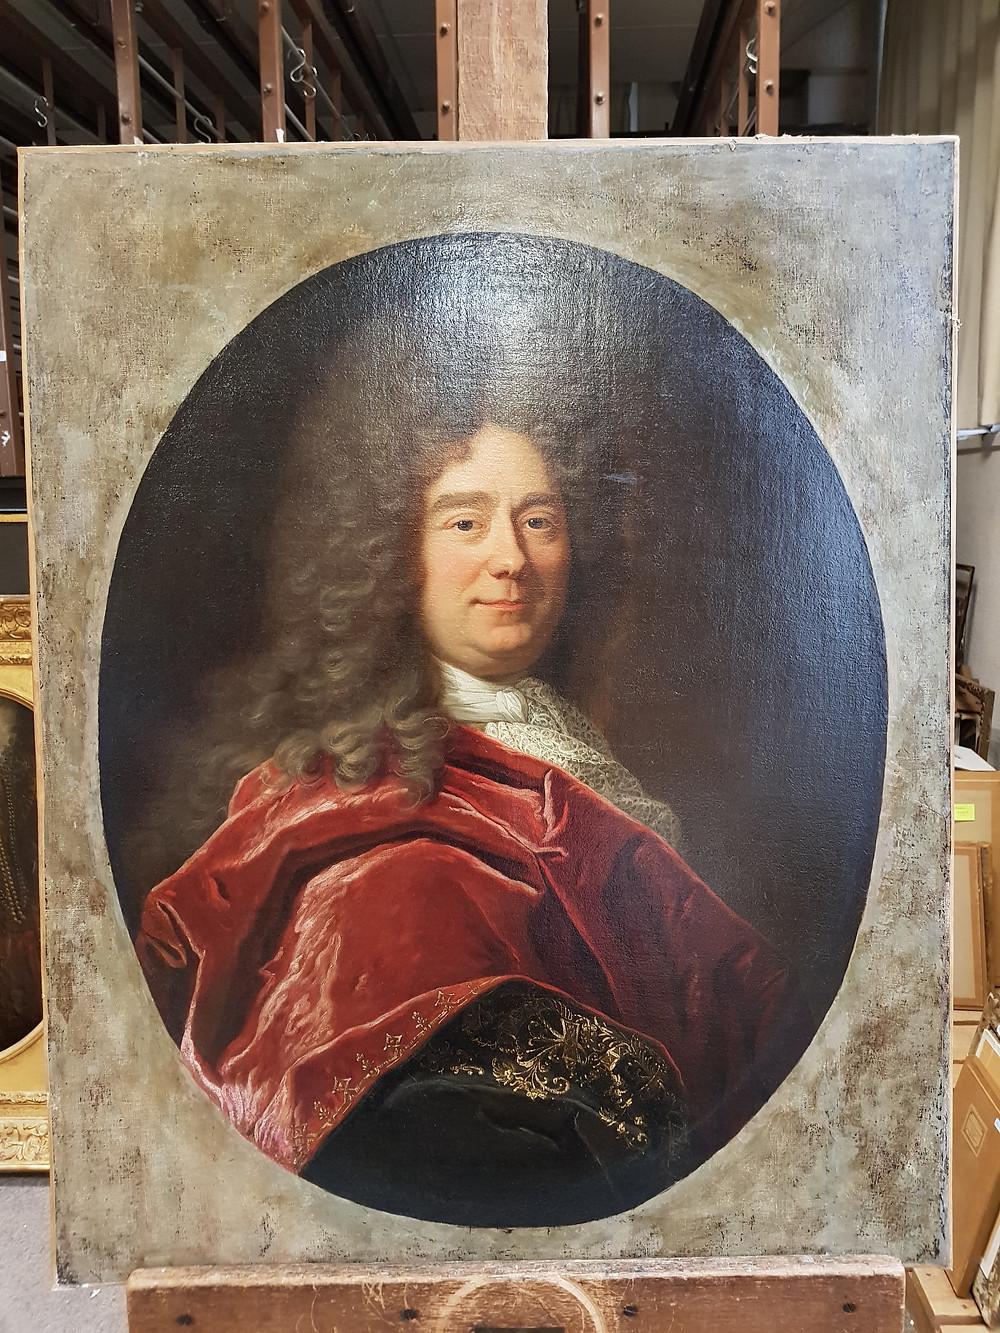 Hyacinthe Rigaud, Portrait de François Bégon, 1695, sans son cadre, collection particulière